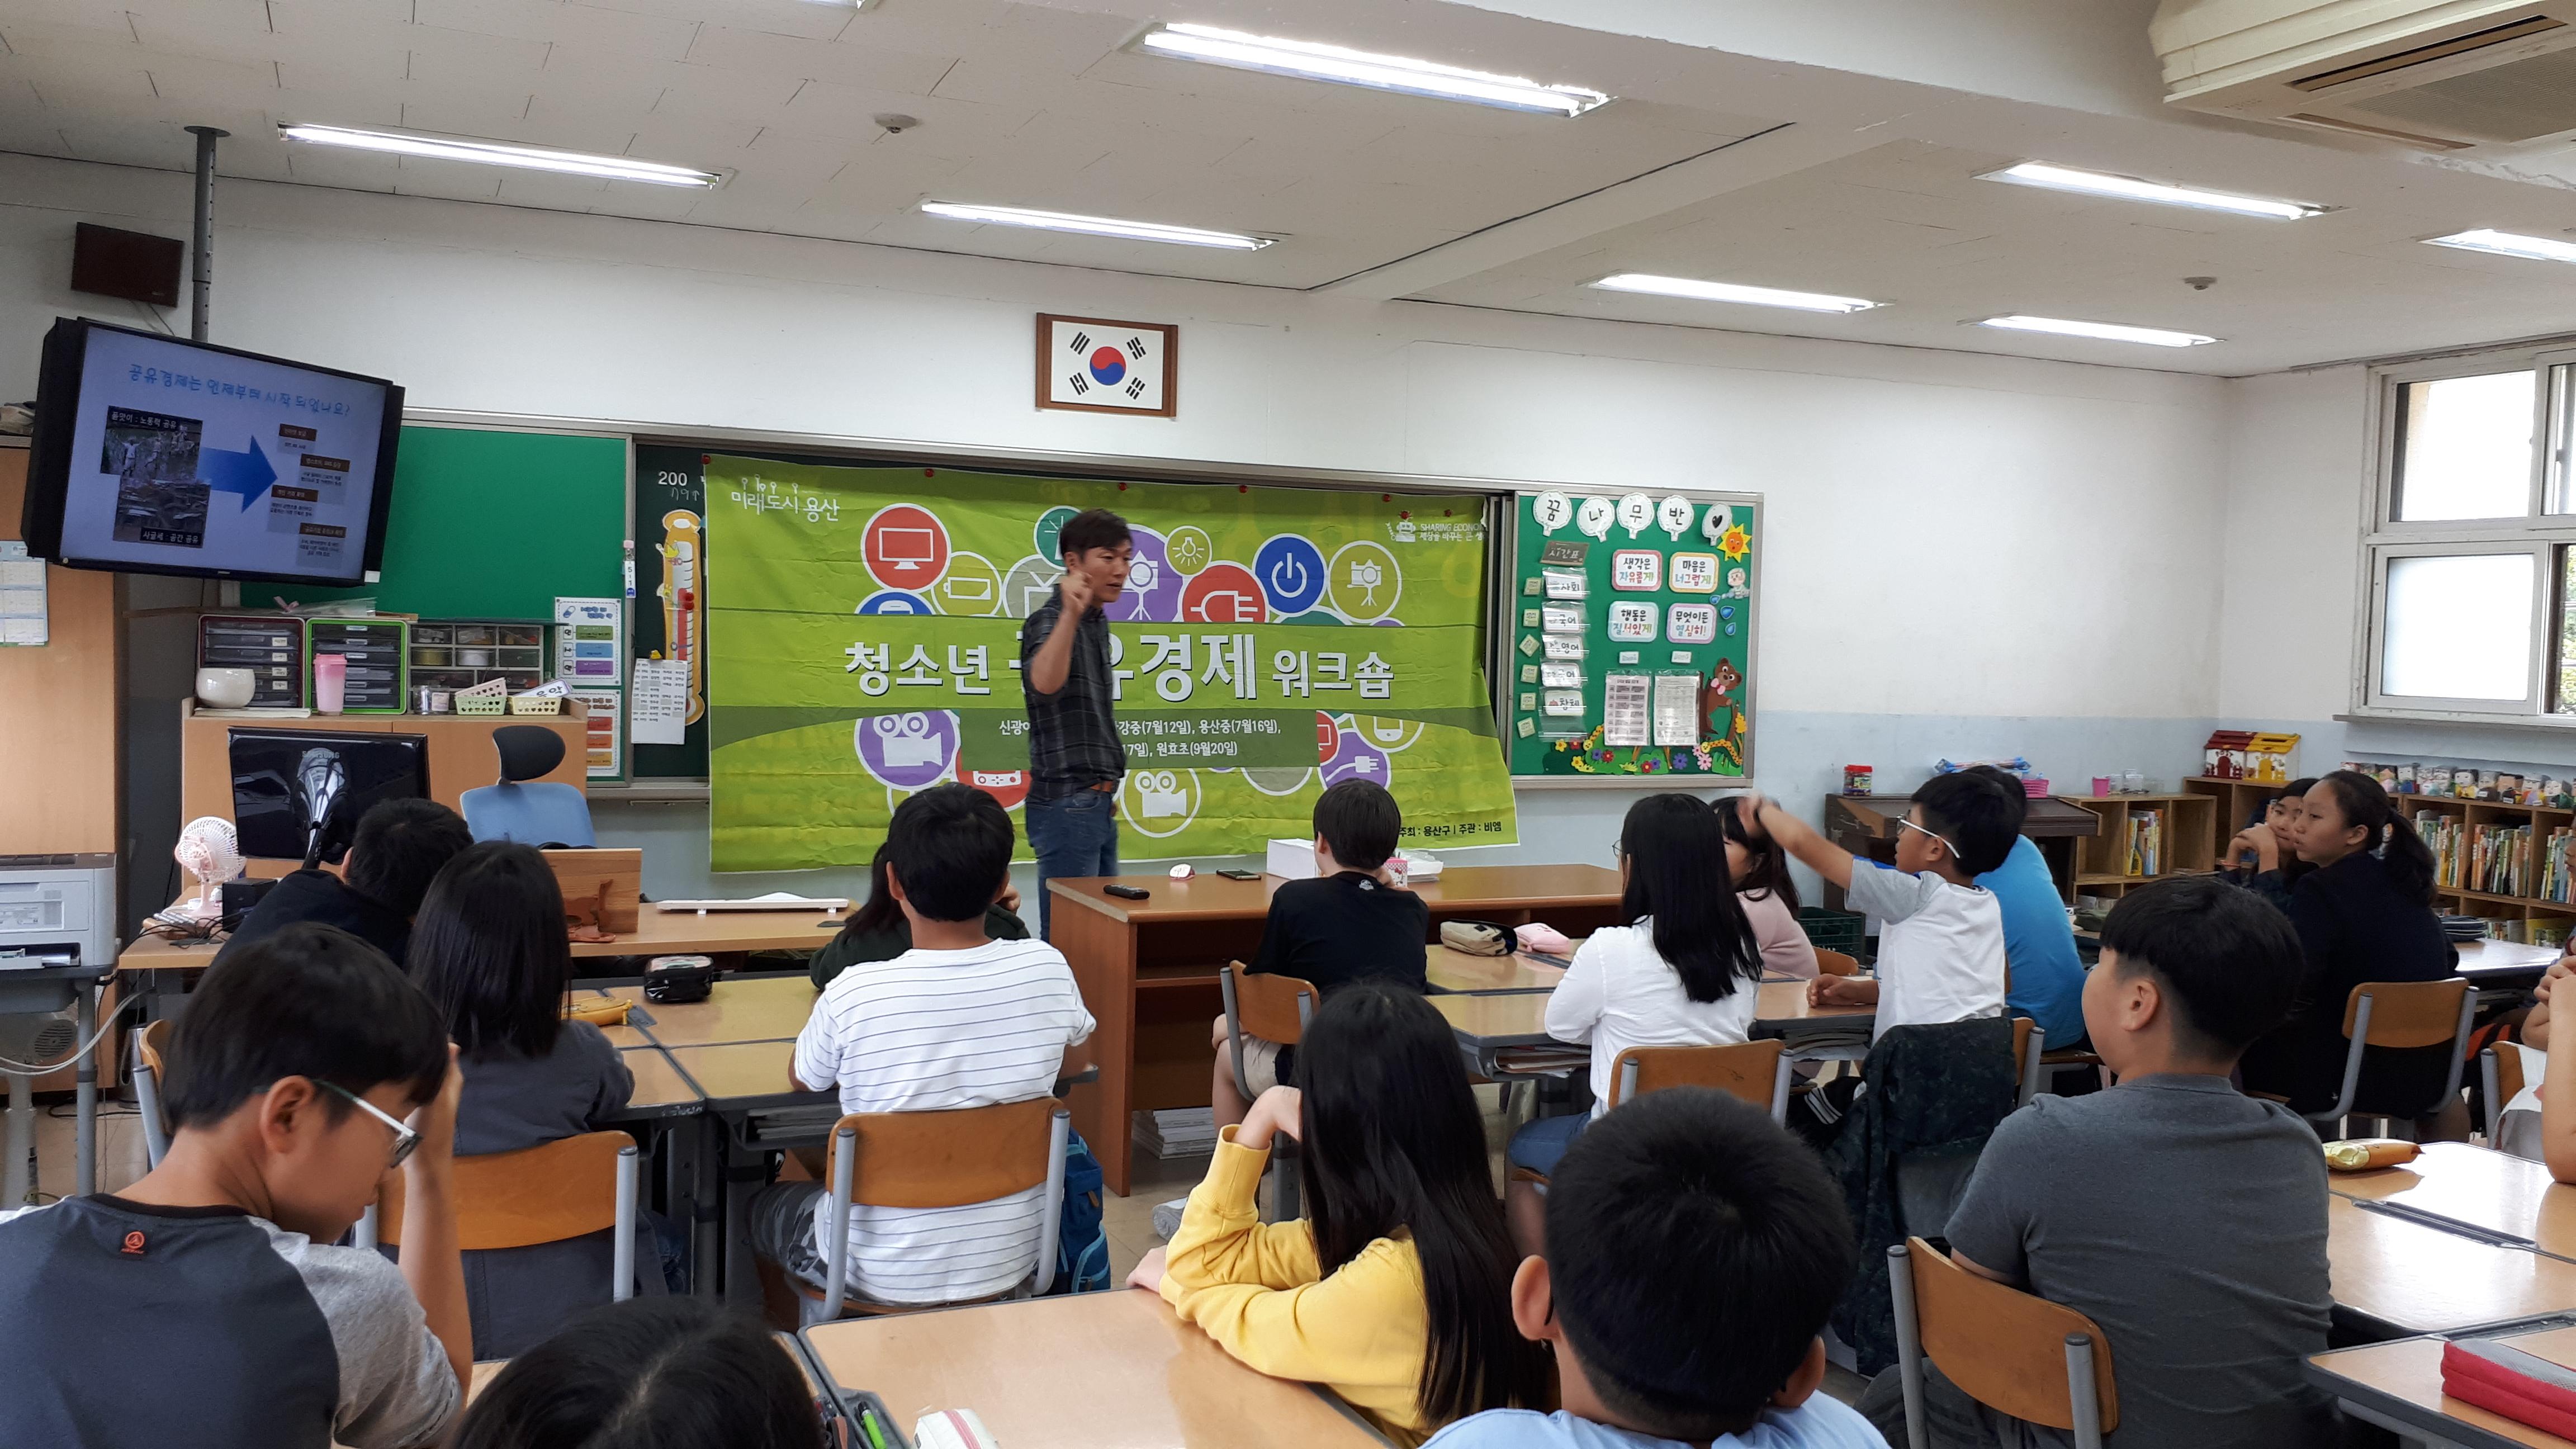 용산구 청소년 공유경제 학교-원효초등학교